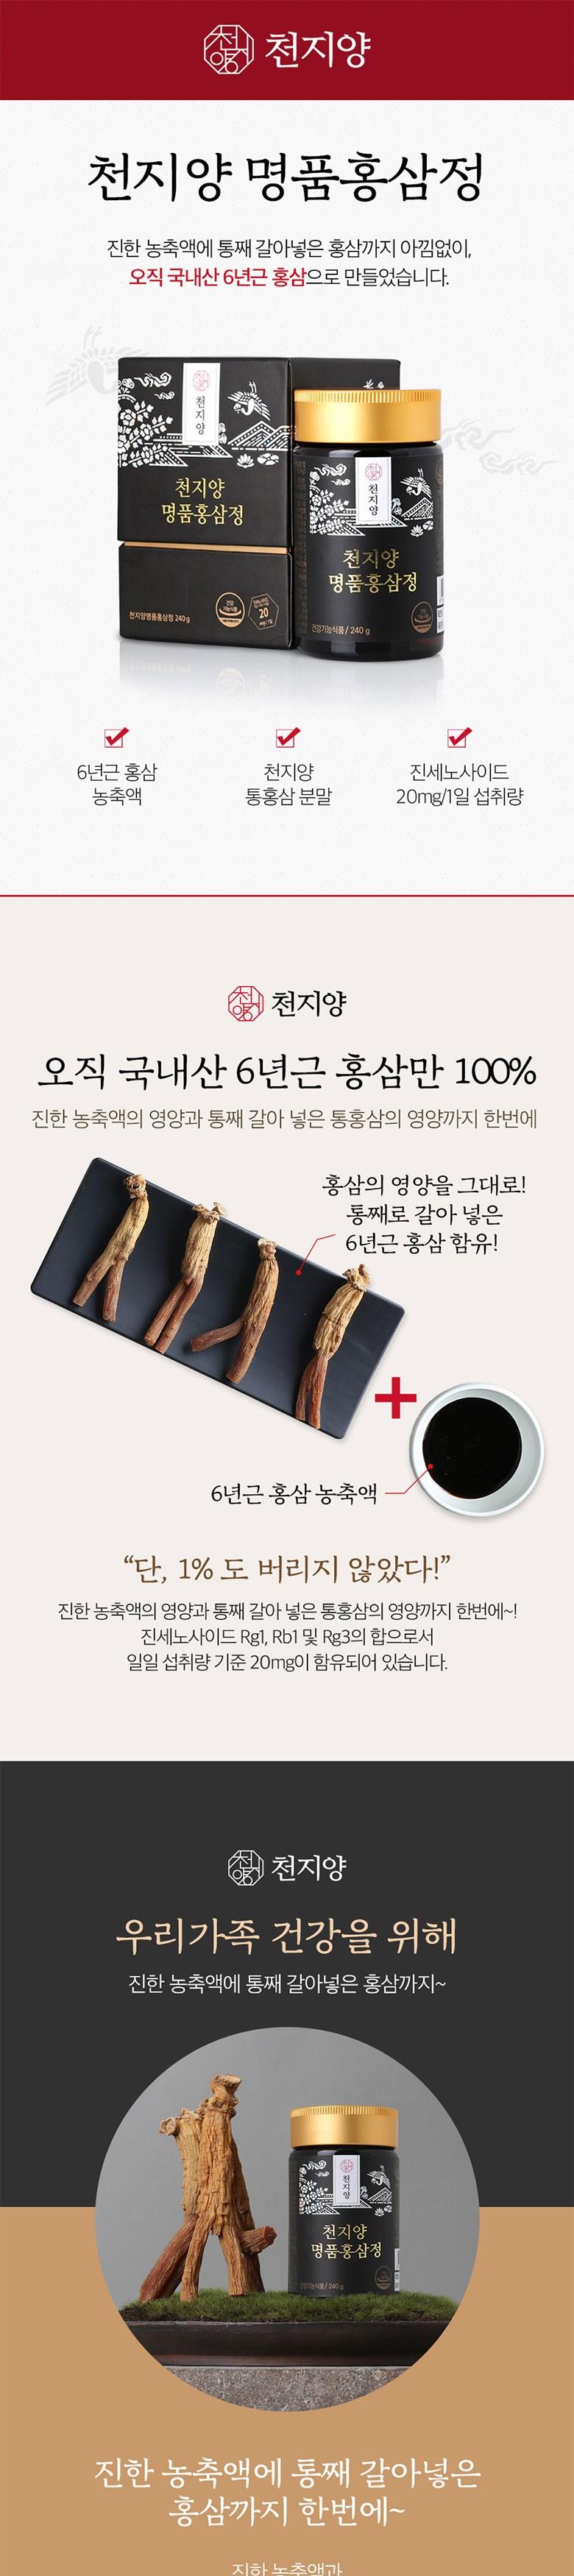 천지양 명품 홍삼정 1